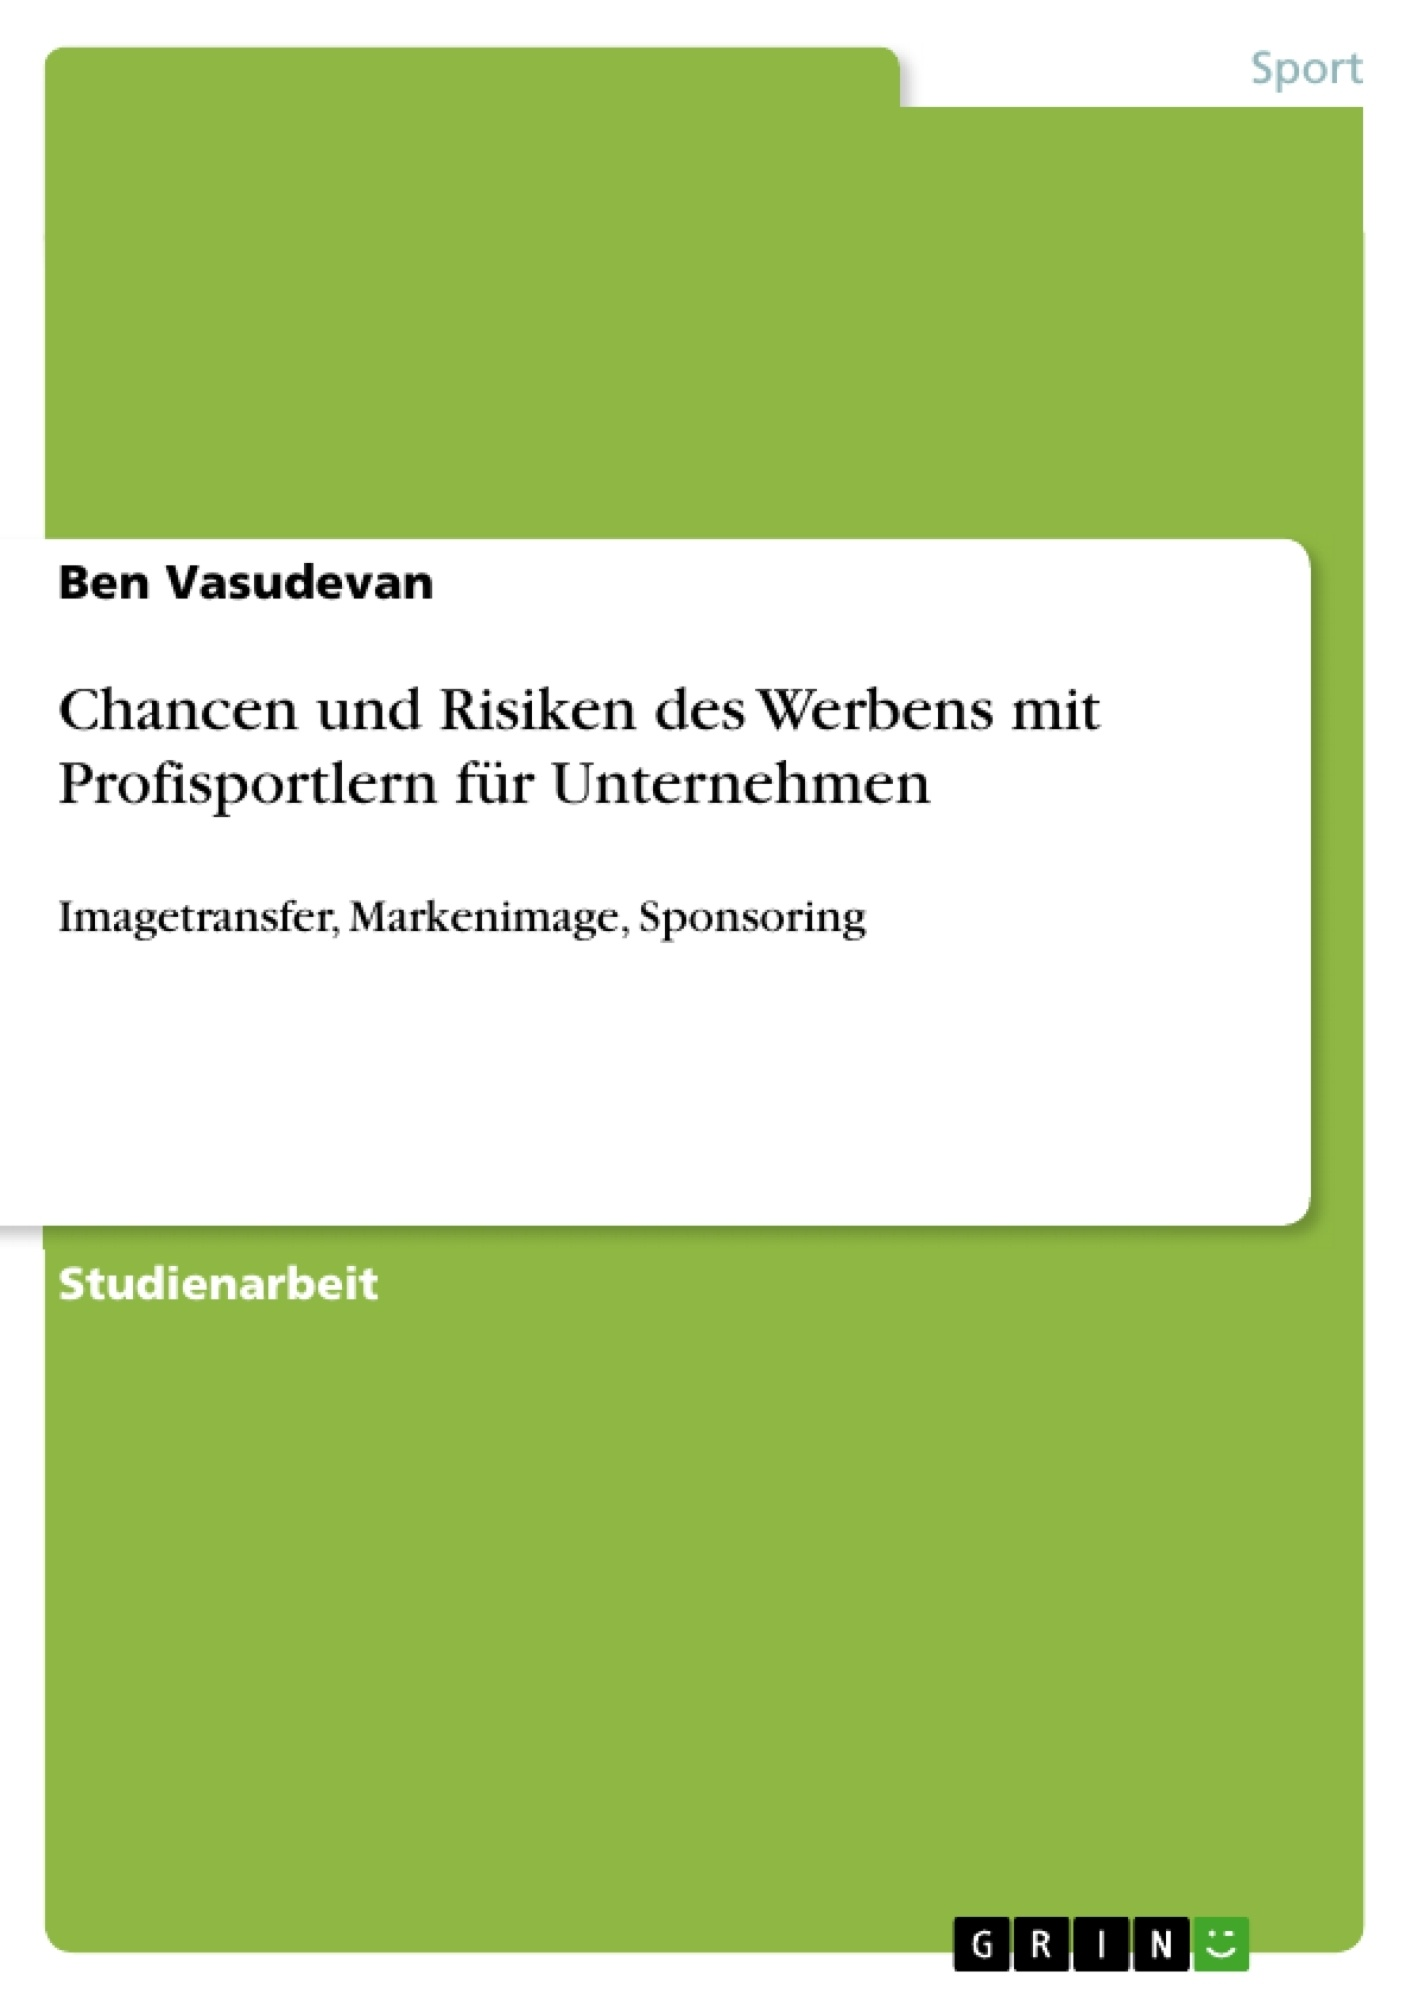 Titel: Chancen und Risiken des Werbens mit Profisportlern für Unternehmen